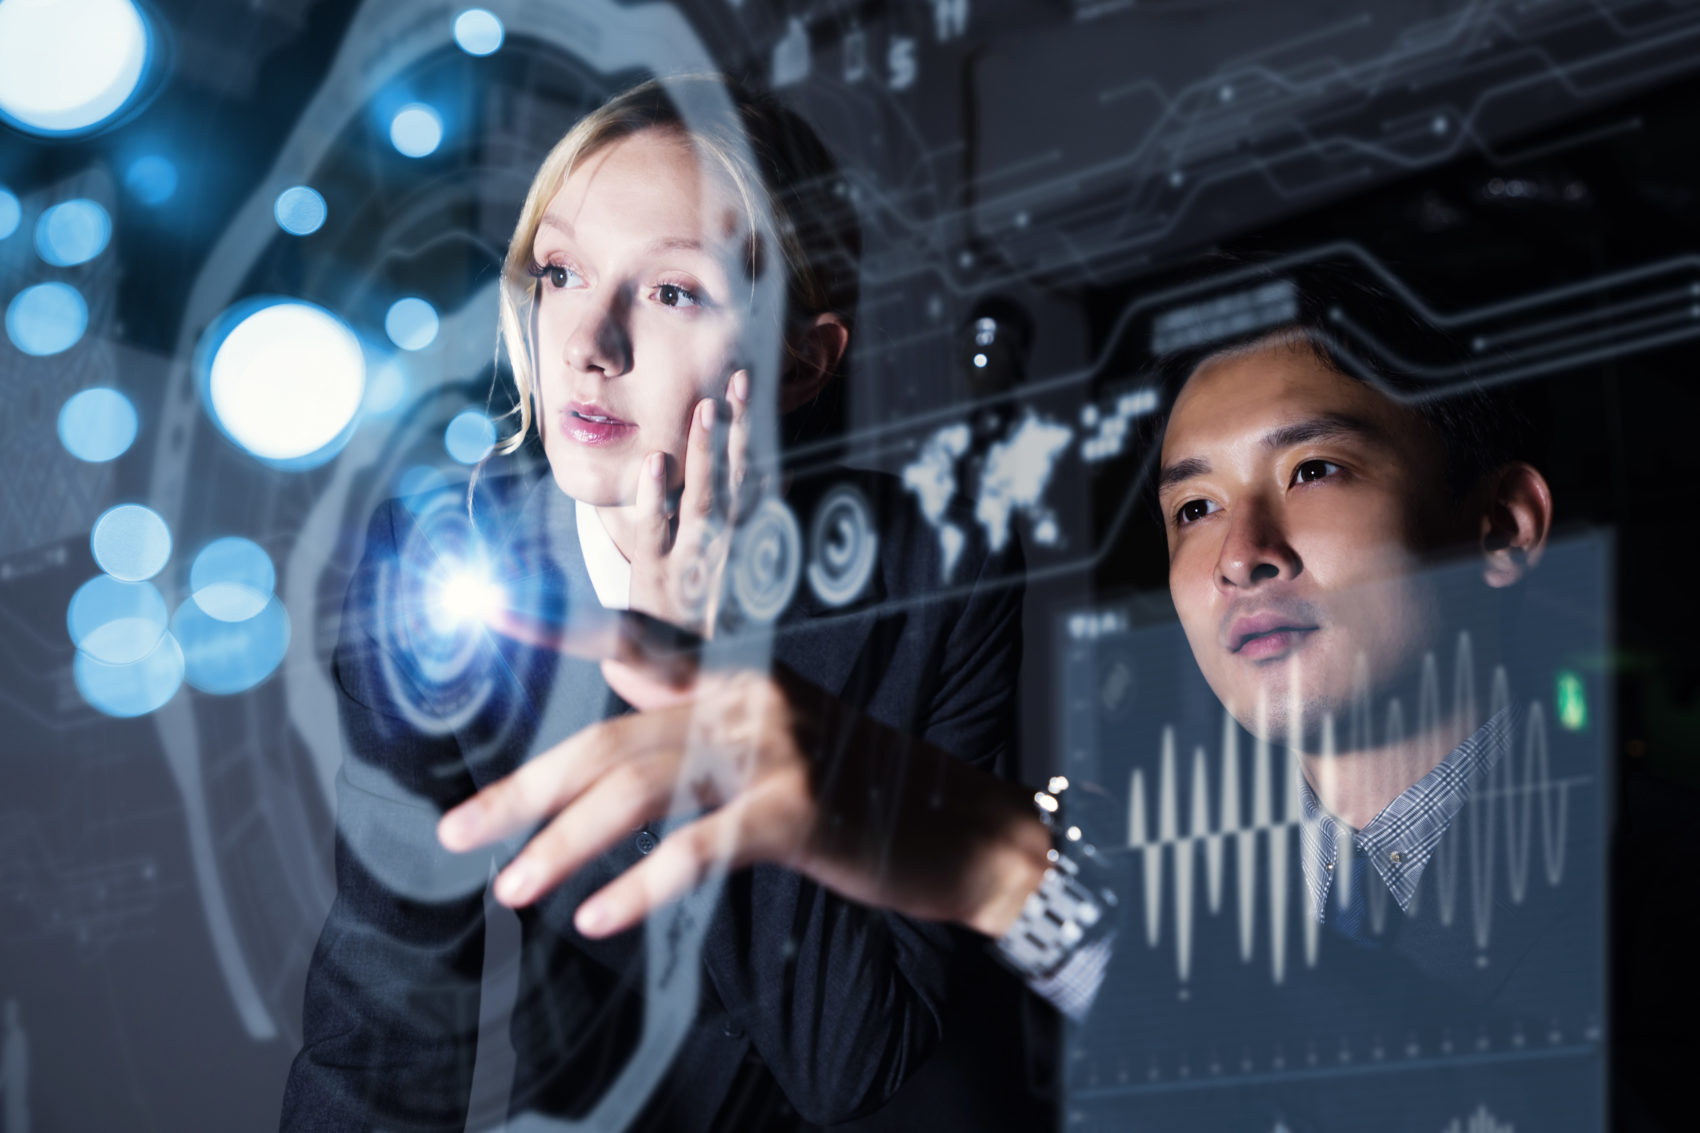 Futuristic screens